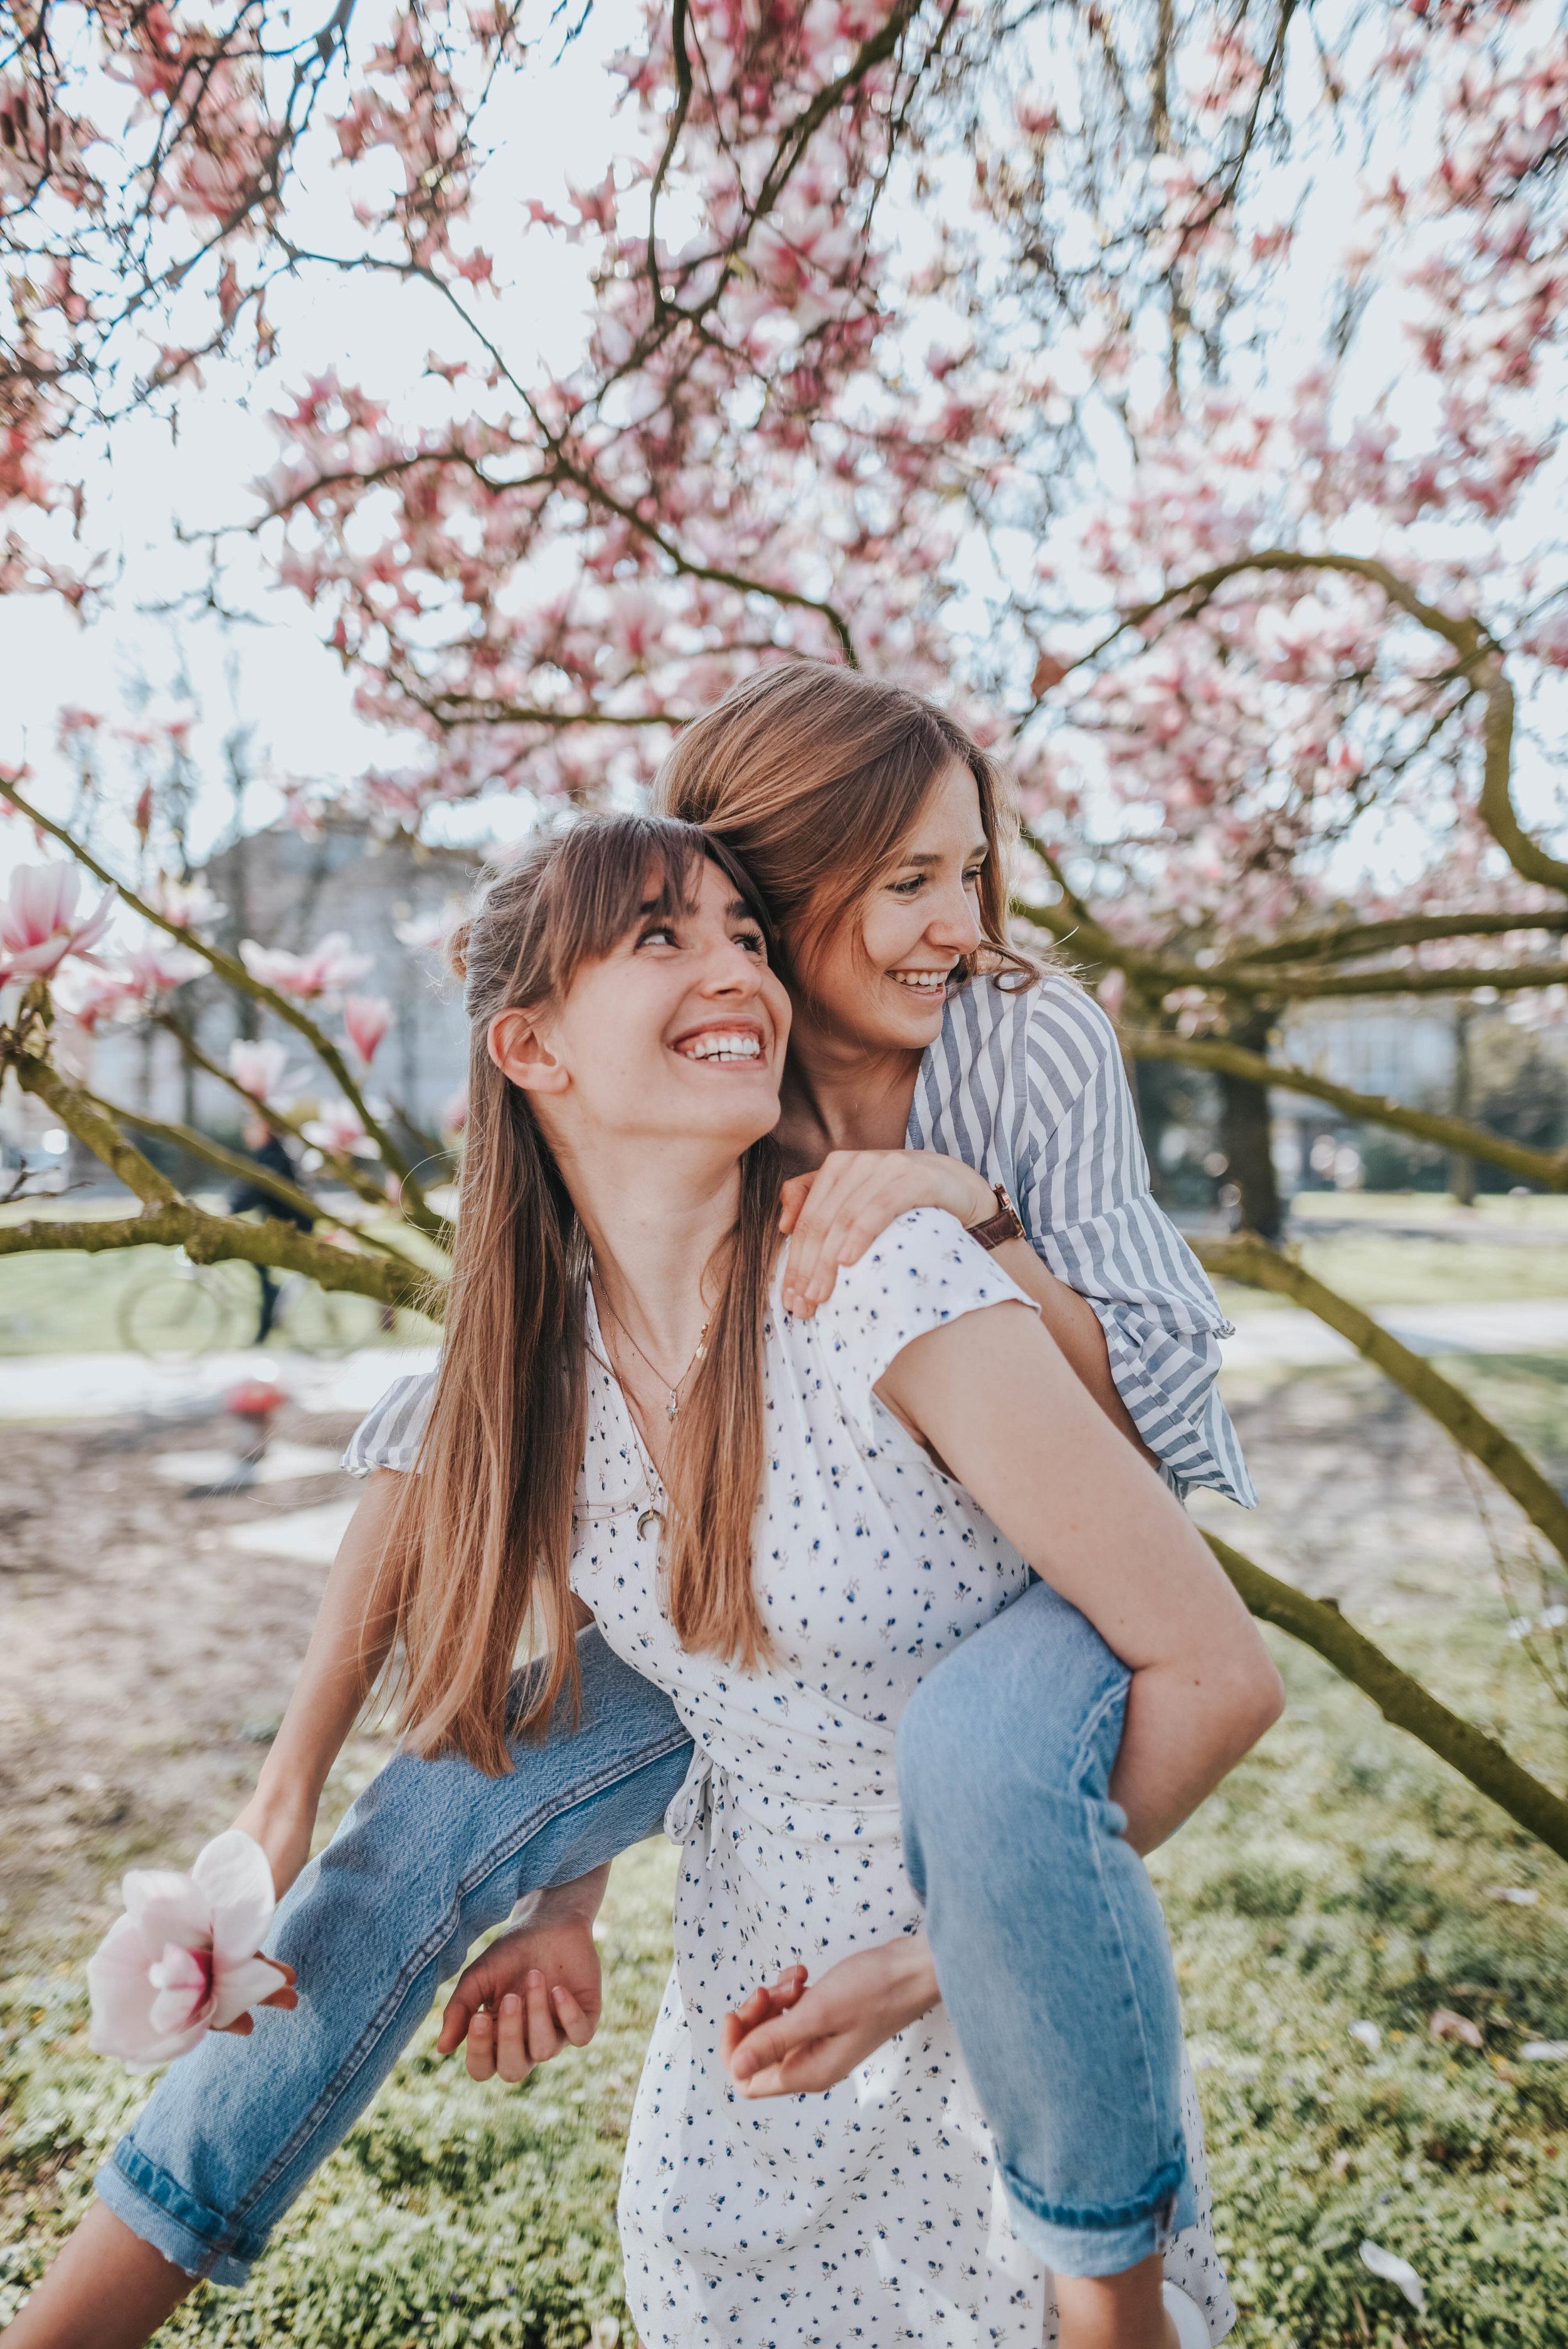 gretacaptures | Münster | Cherry Blossom | Fotograf Münster | Shooting | Spring